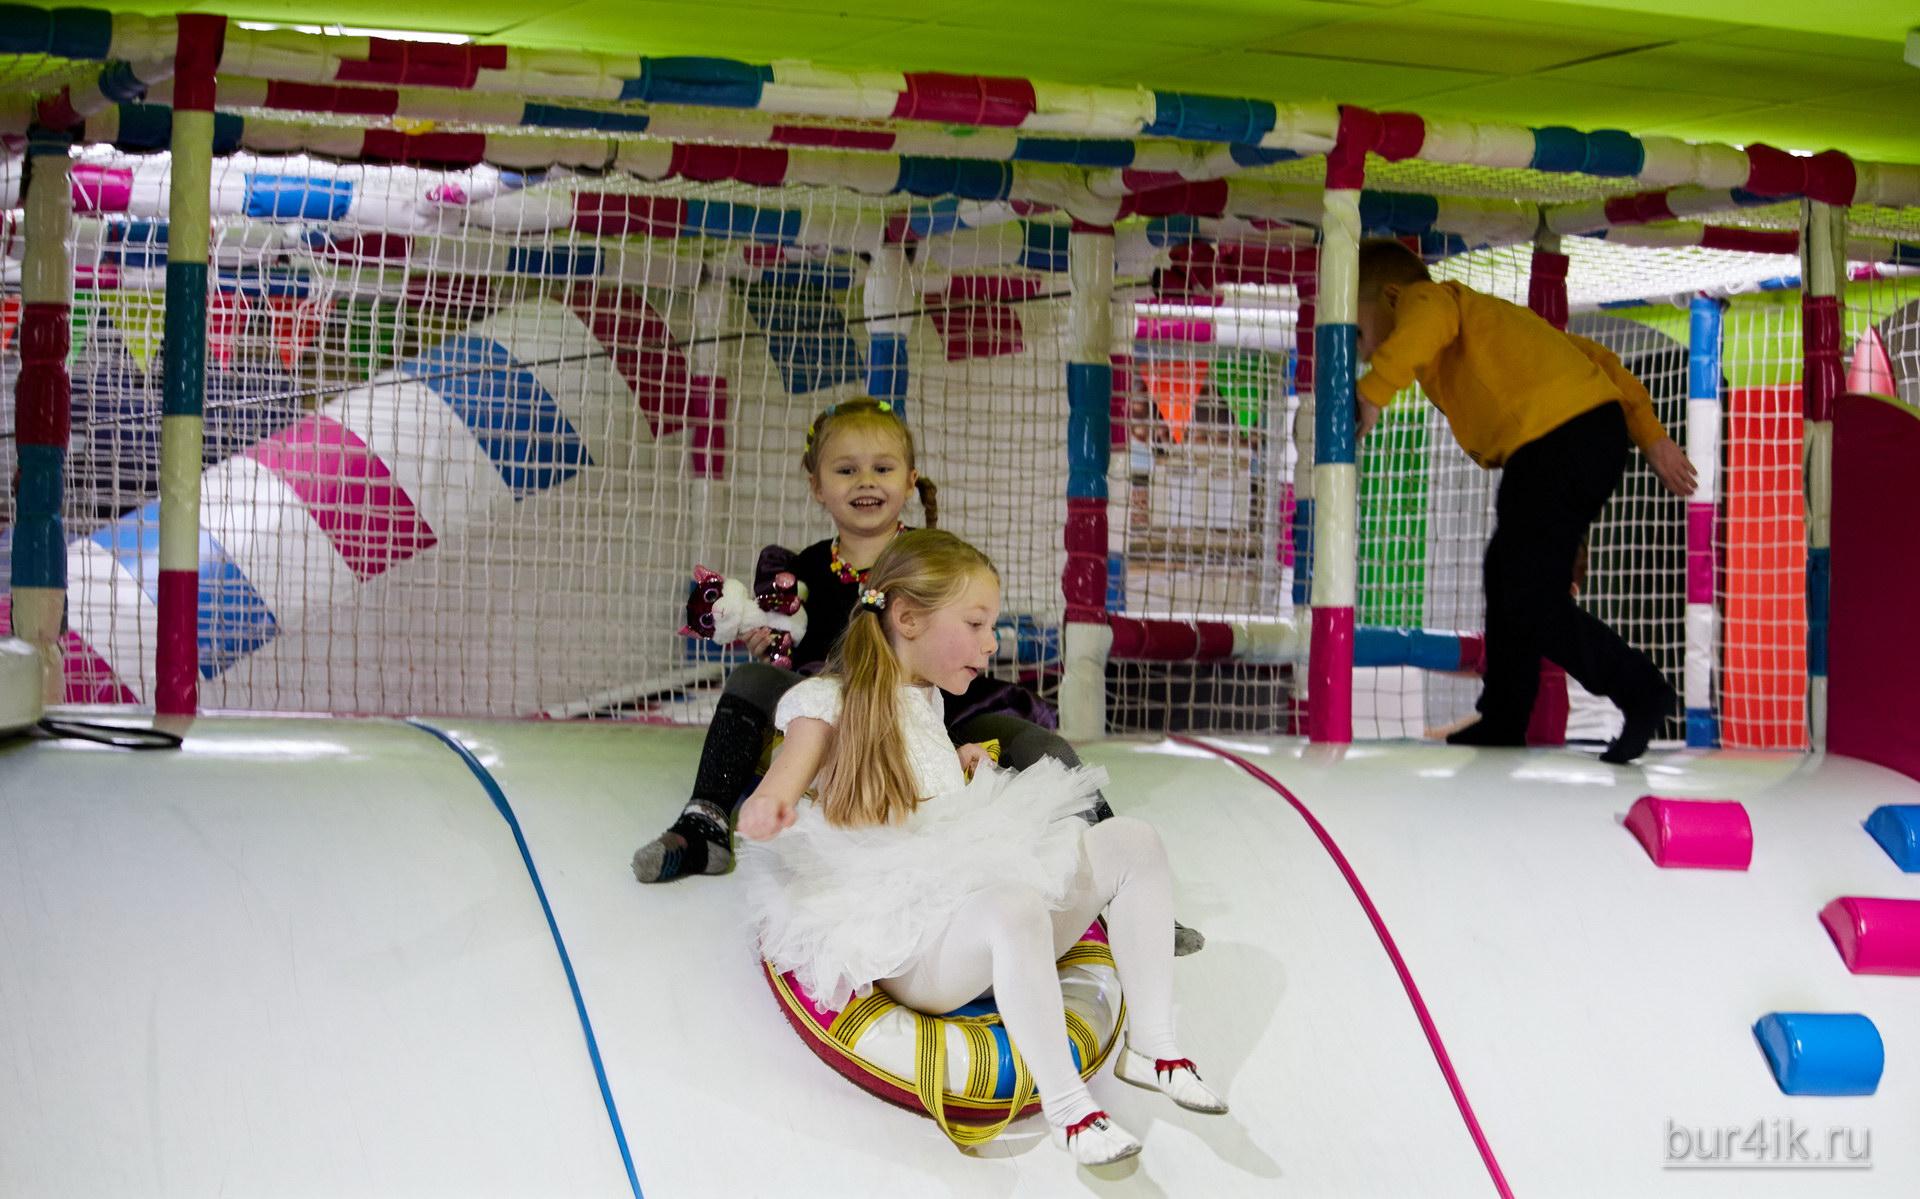 Фото Детское День Рождения в Детский Дворик 15.01.2020 №291 -photo- bur4ik.ru